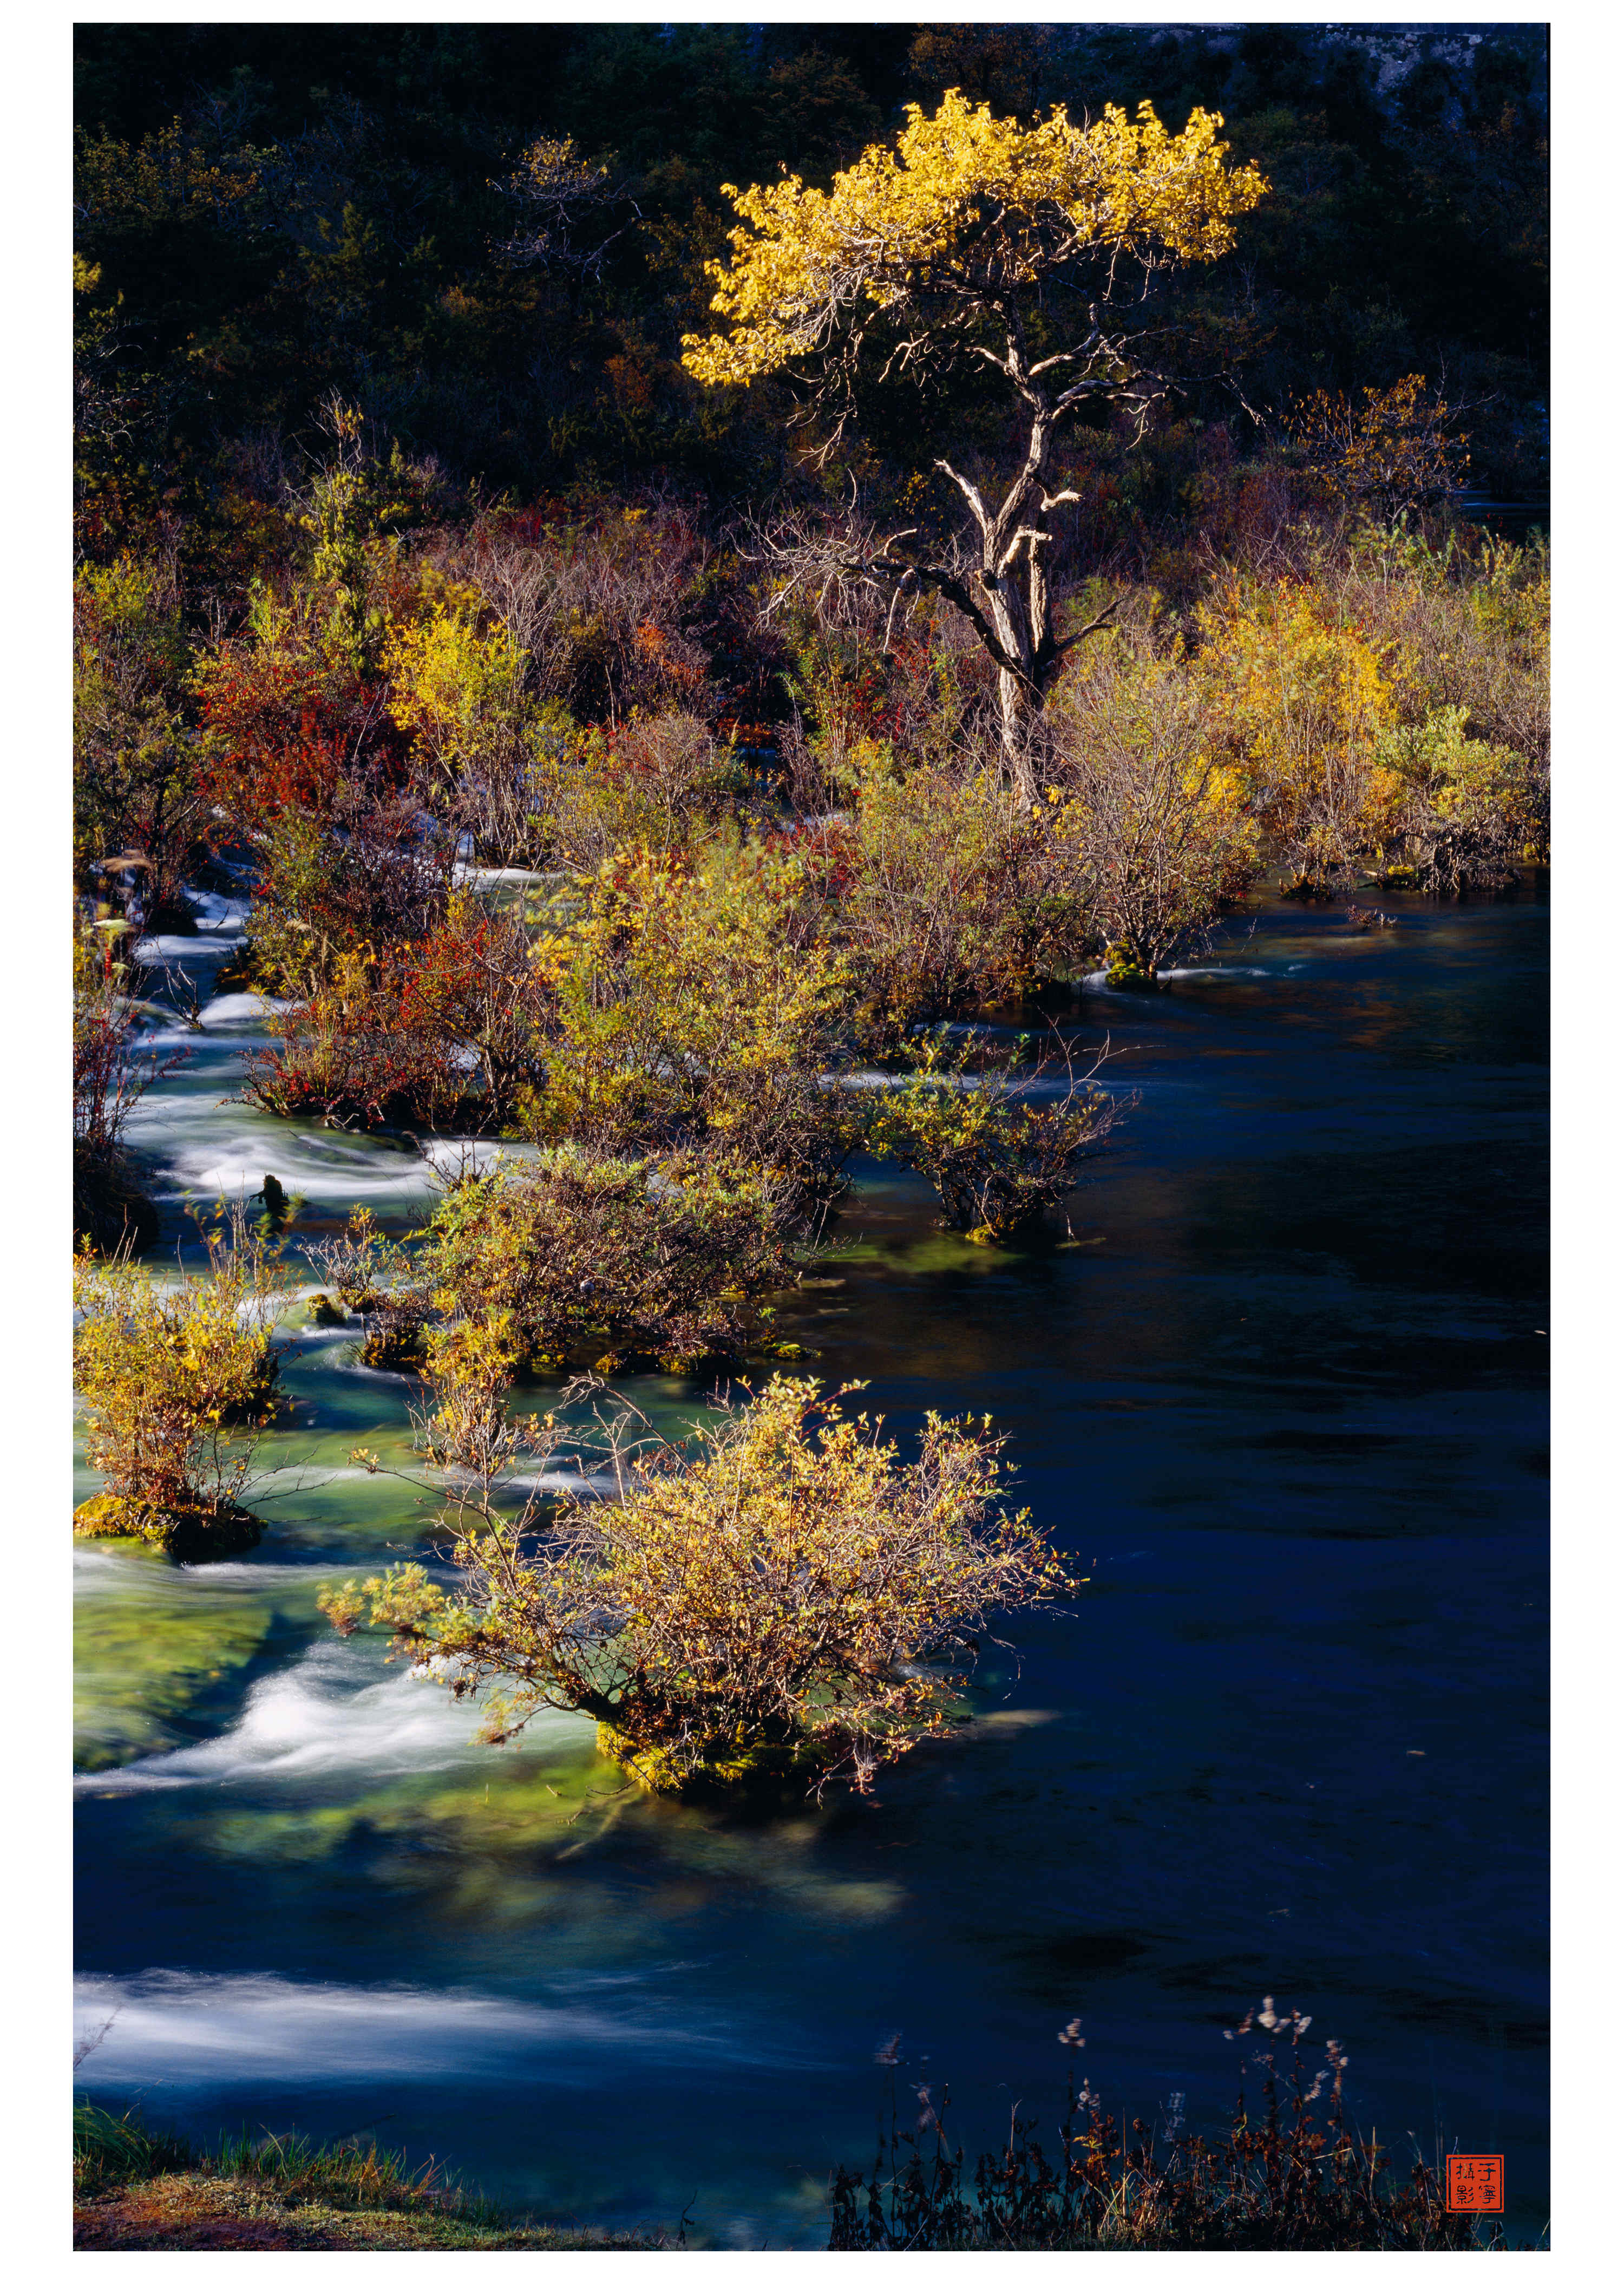 秋天,如果梵高和塞尚来川西写生